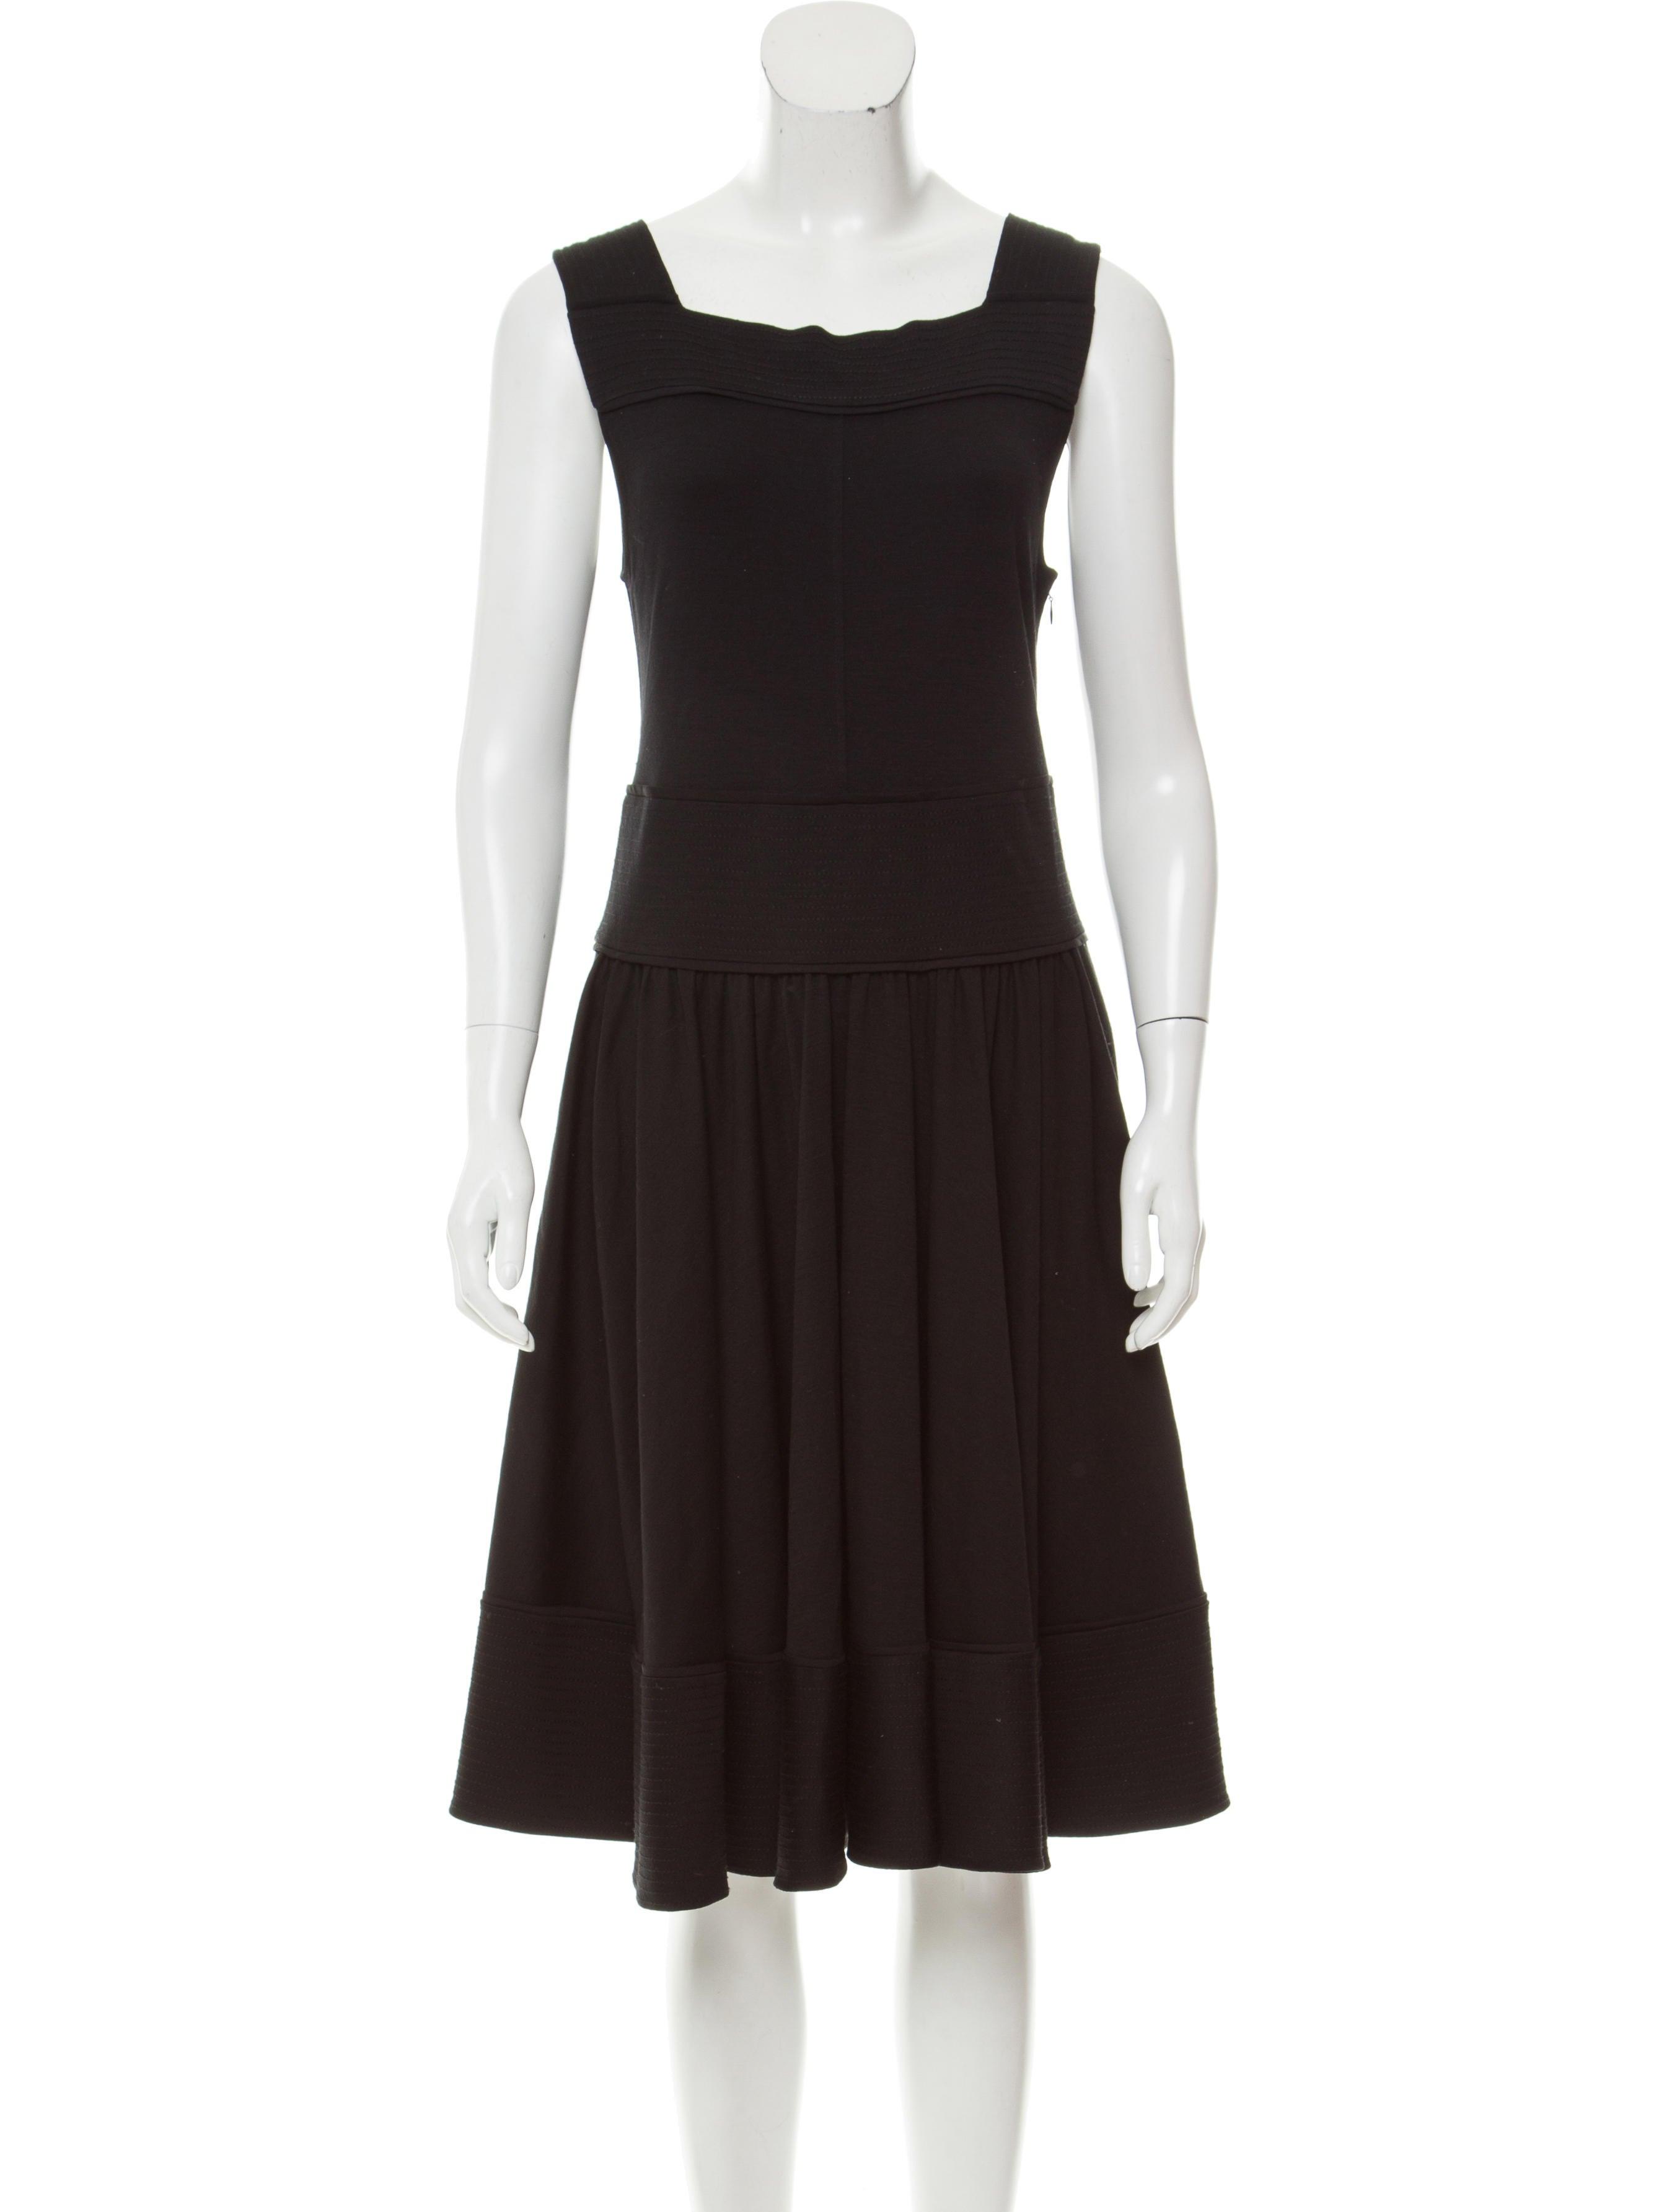 Diane von furstenberg paige wool dress clothing for Diane von furstenberg clothing